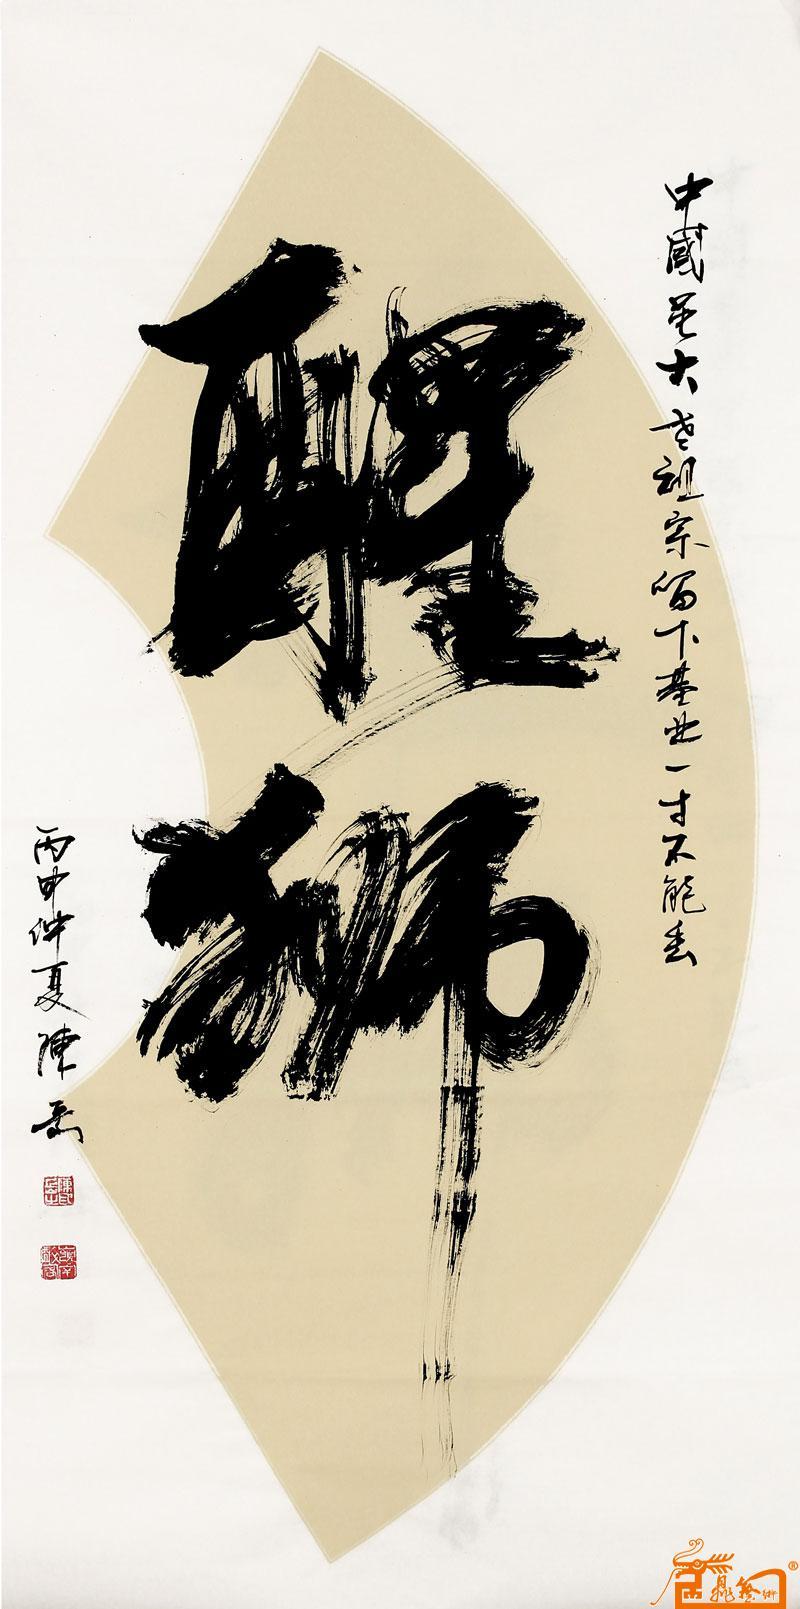 书法名家 陈岳 - 作品151图片